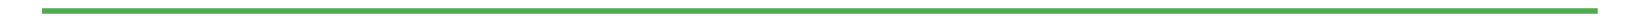 Networks_e-mailer_April-10.jpg?v=1583919099672